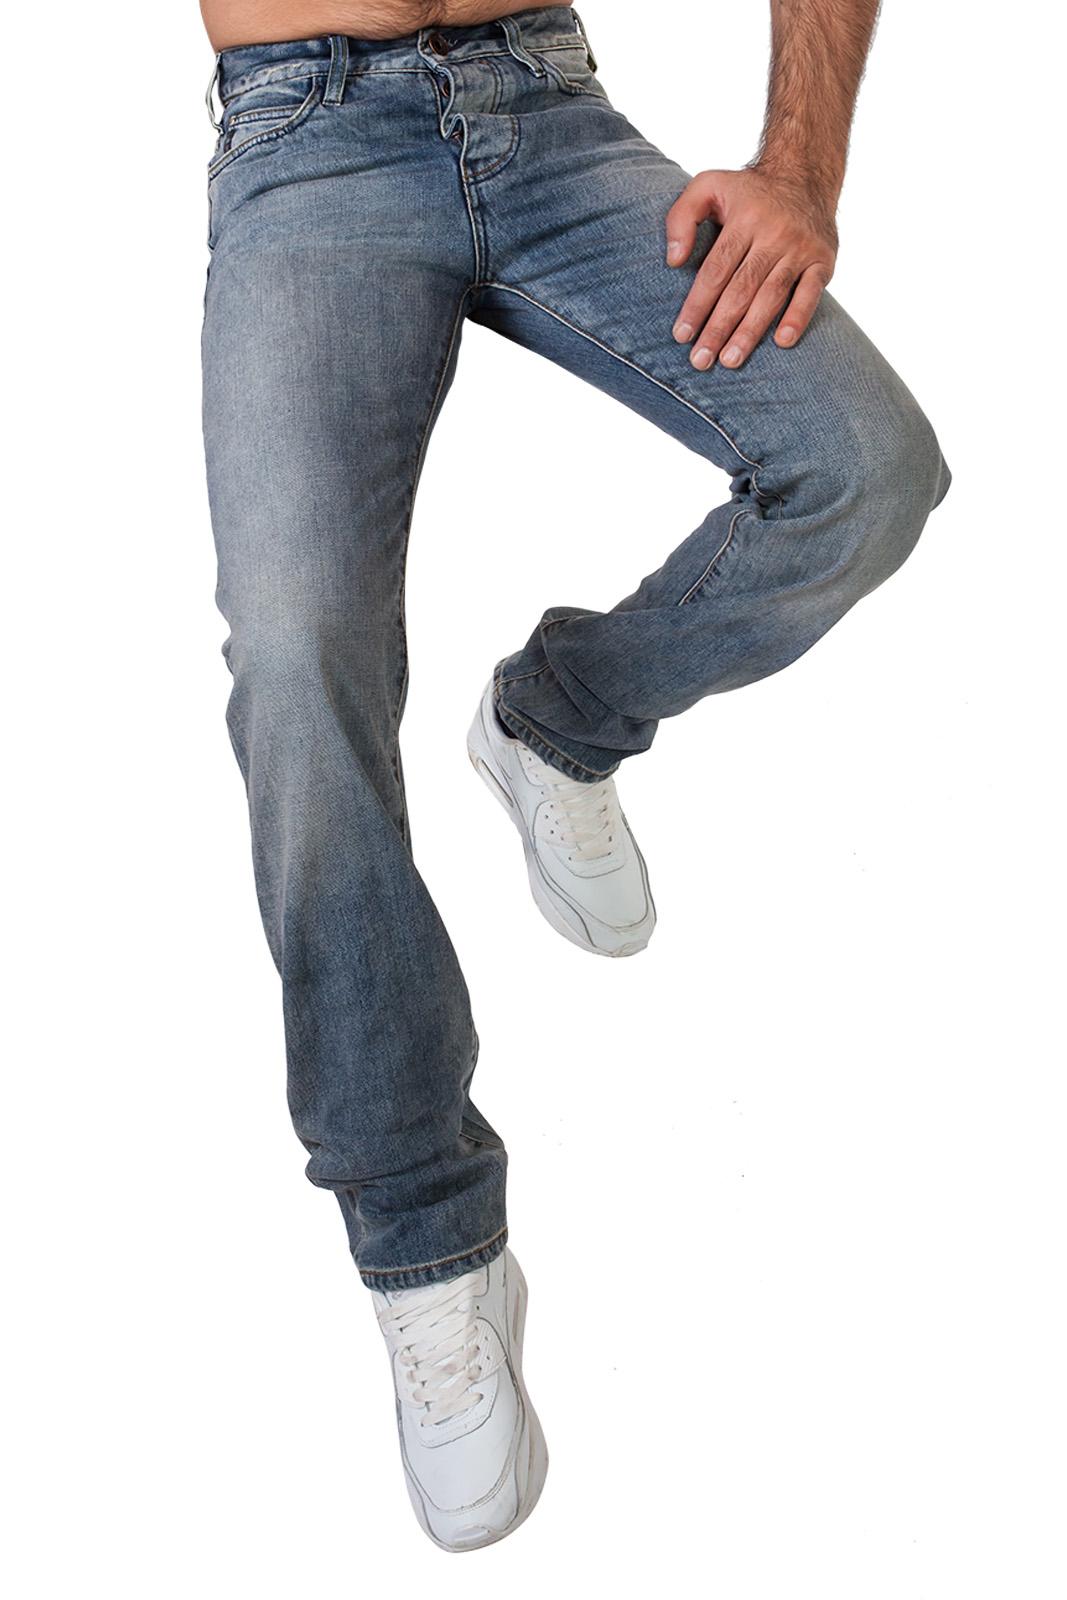 Большой выбор мужских джинсов всех цветов и фасонов – только чистые бренды!